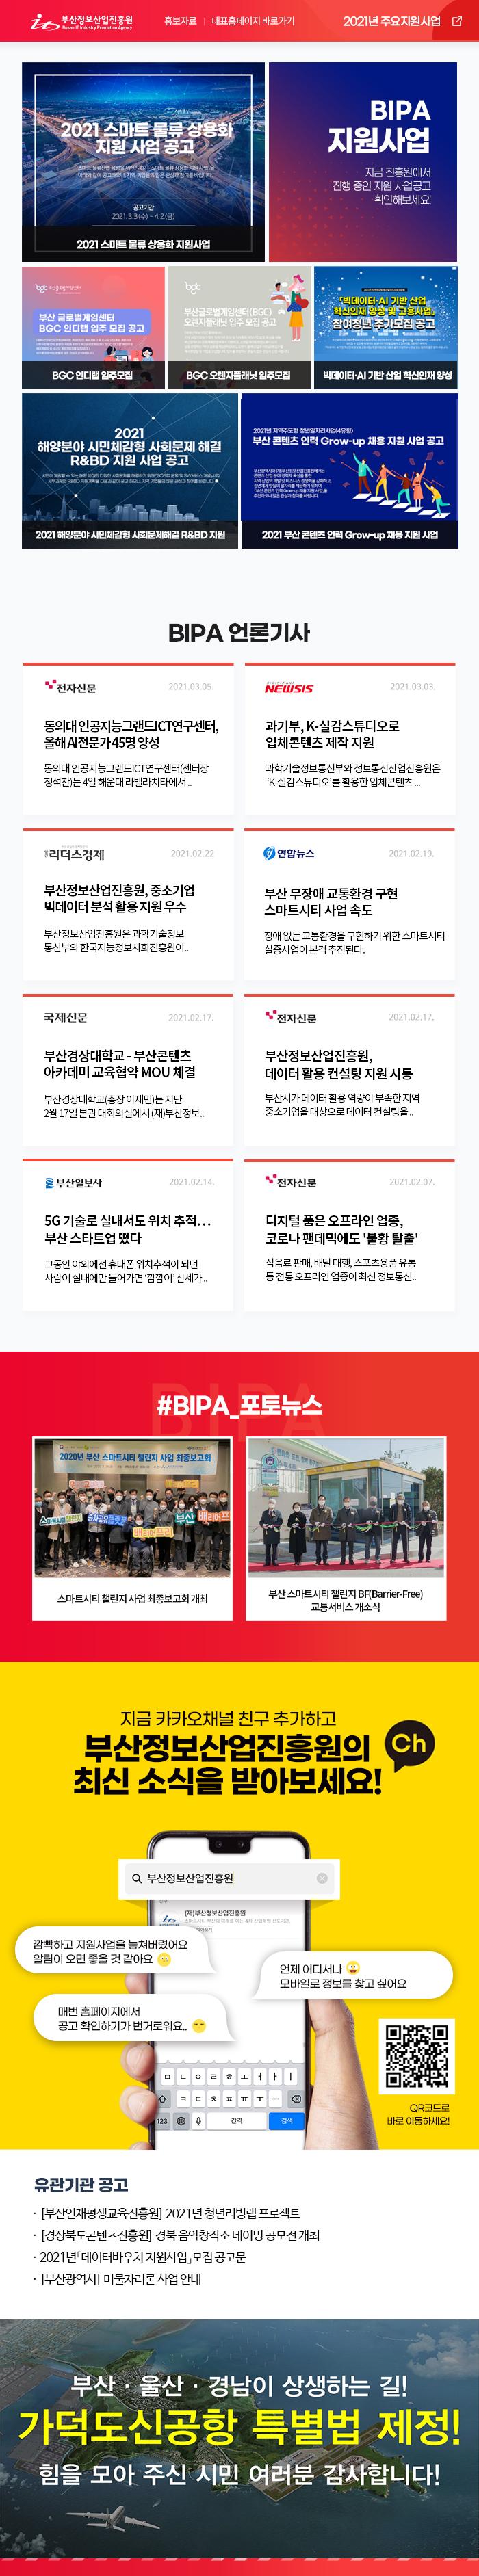 따끈따끈한 진흥원의 사업공고 알려드립니다!(뉴스레터 제221호)